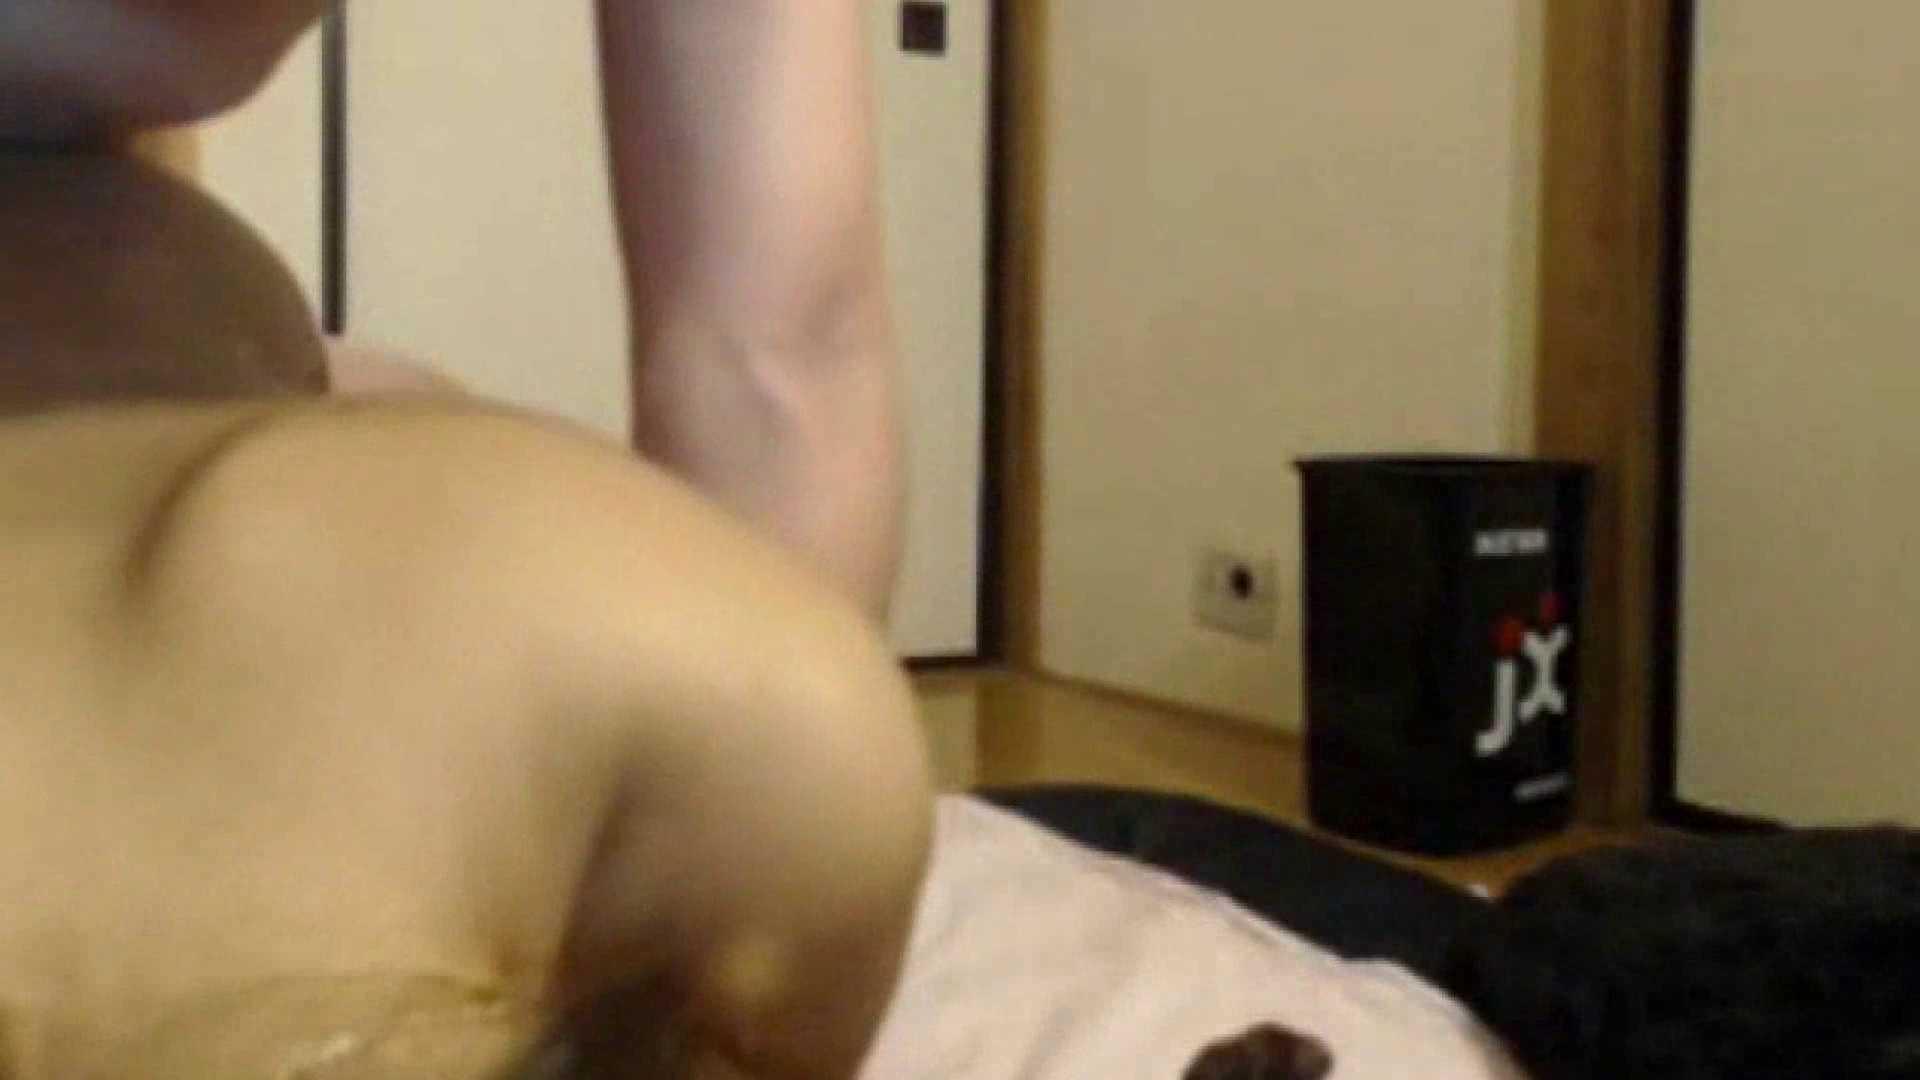 素人ギャル女良のハメ撮り!生チャット!Vol.13後編 エッチな美女 おまんこ動画流出 103pic 71